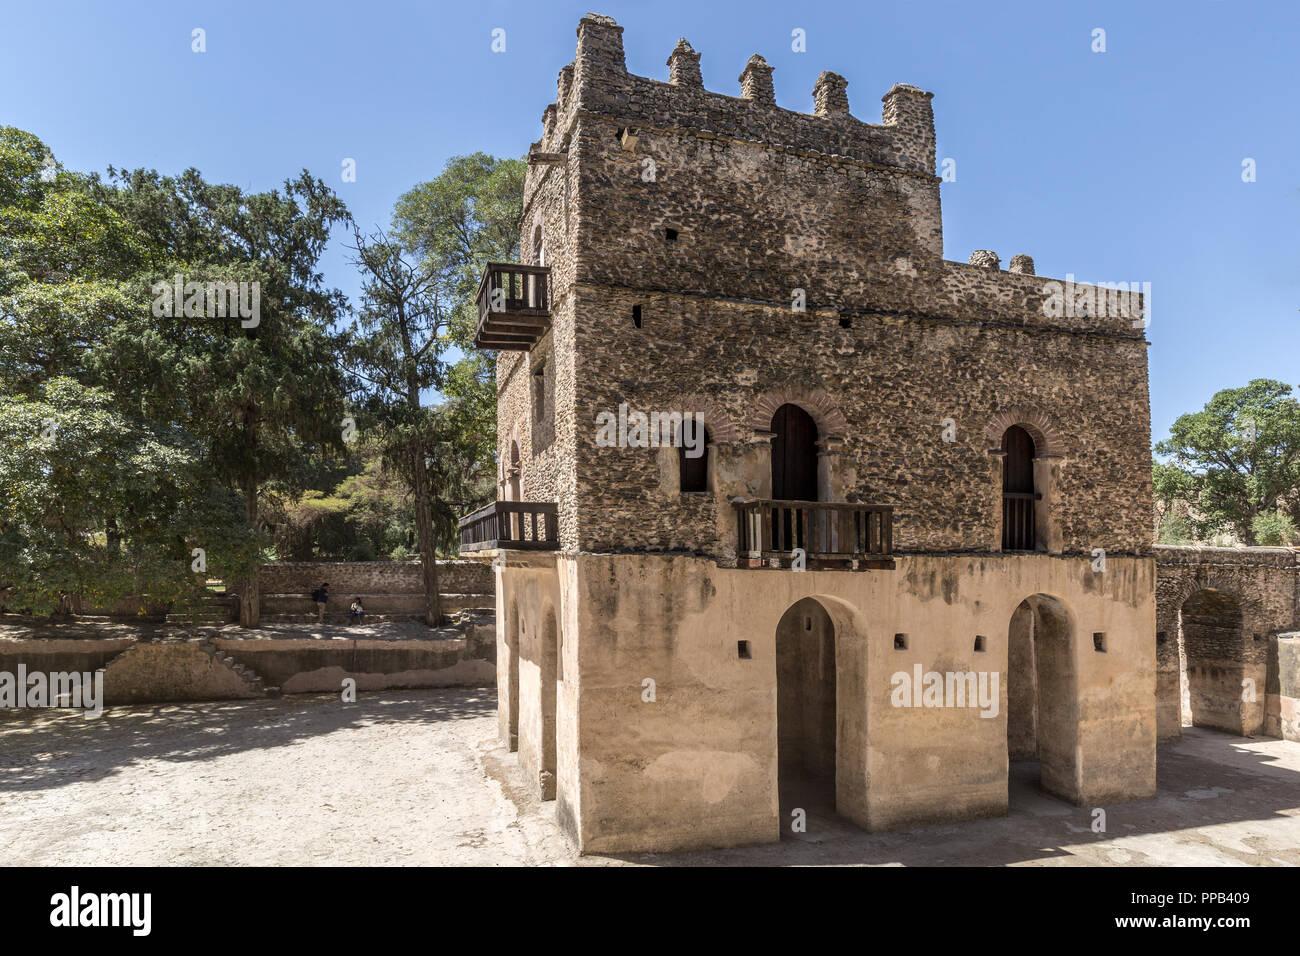 Fasiladas del pool di balneazione, Gonder, Etiopia, Patrimonio Mondiale dell UNESCO Immagini Stock